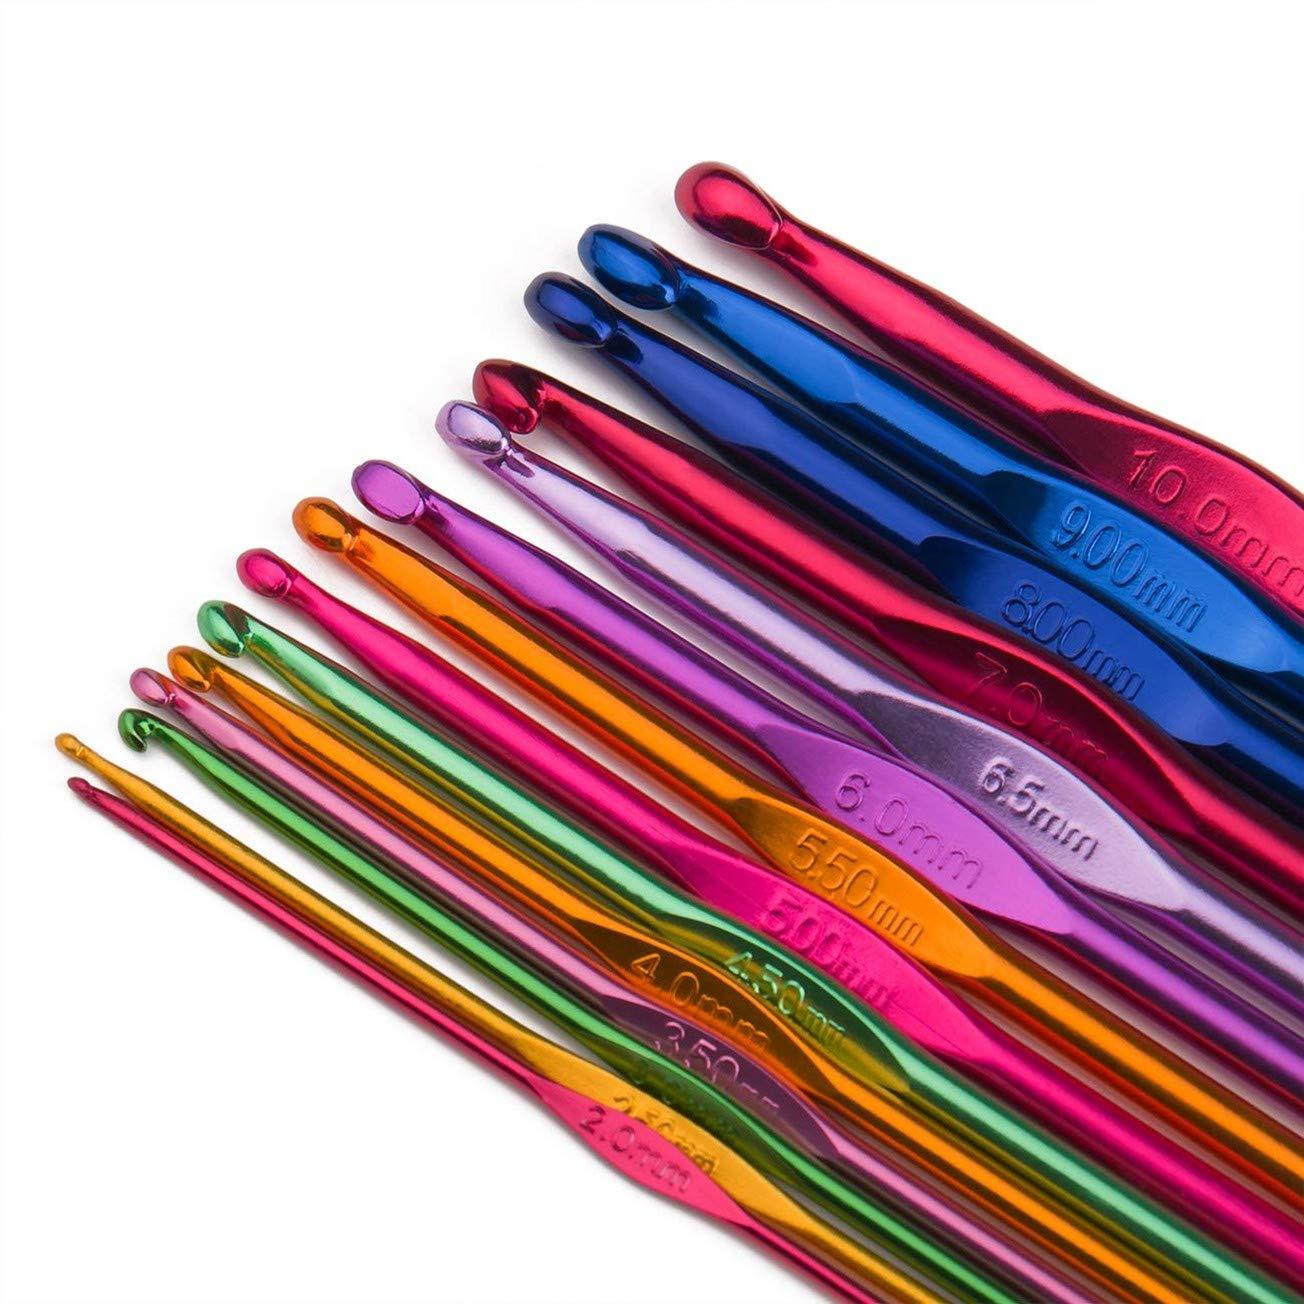 Haken Crochet Hooks 2-10mm Bunt Aluminium Stricken Nadeln Werkzeug Praktisch Neu